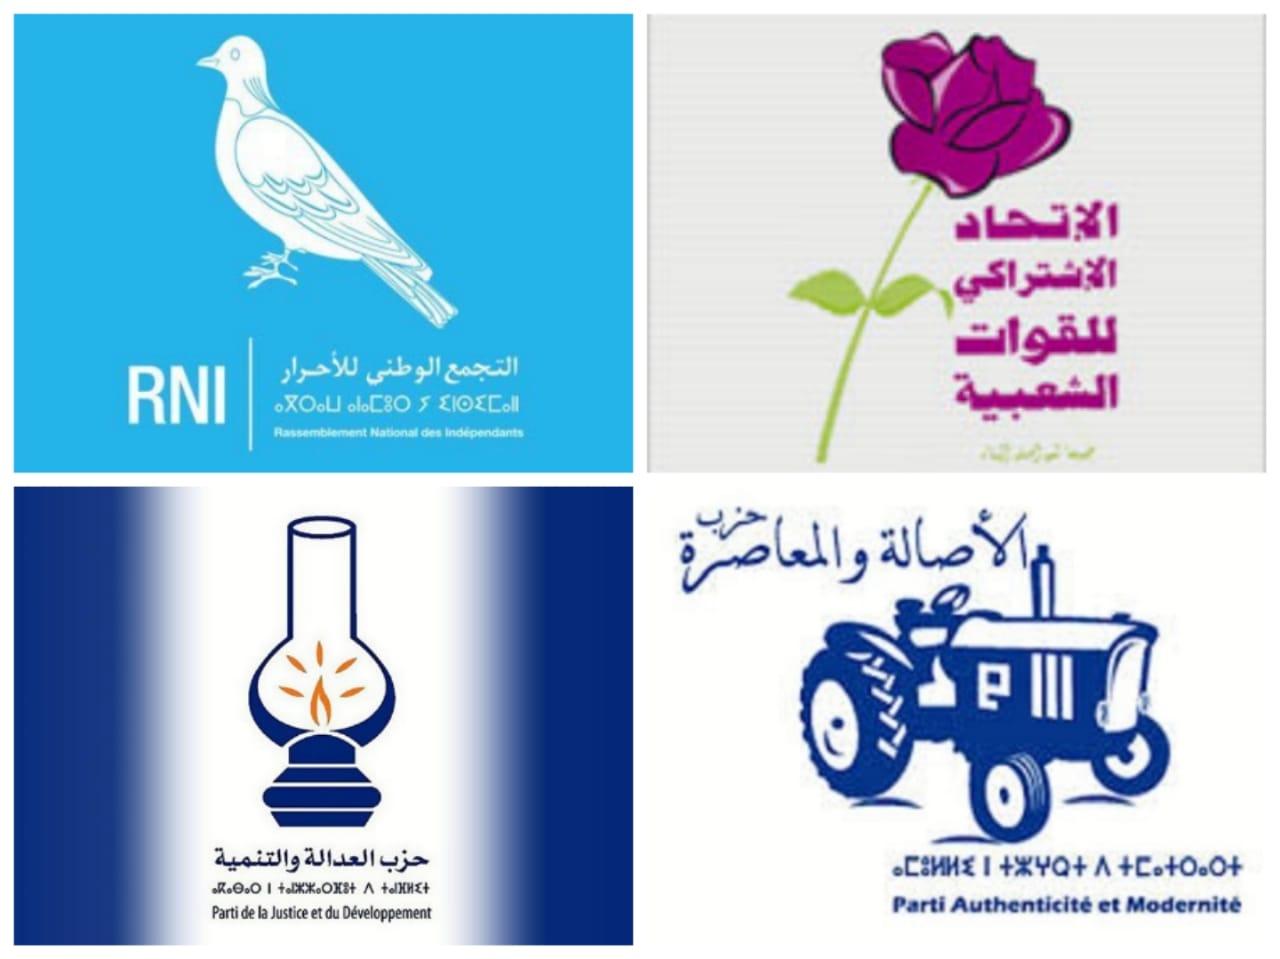 حزب الوردة يكتسح نتائج الانتخابات الجزئية بجماعة العونات باقليم سيدي بنور